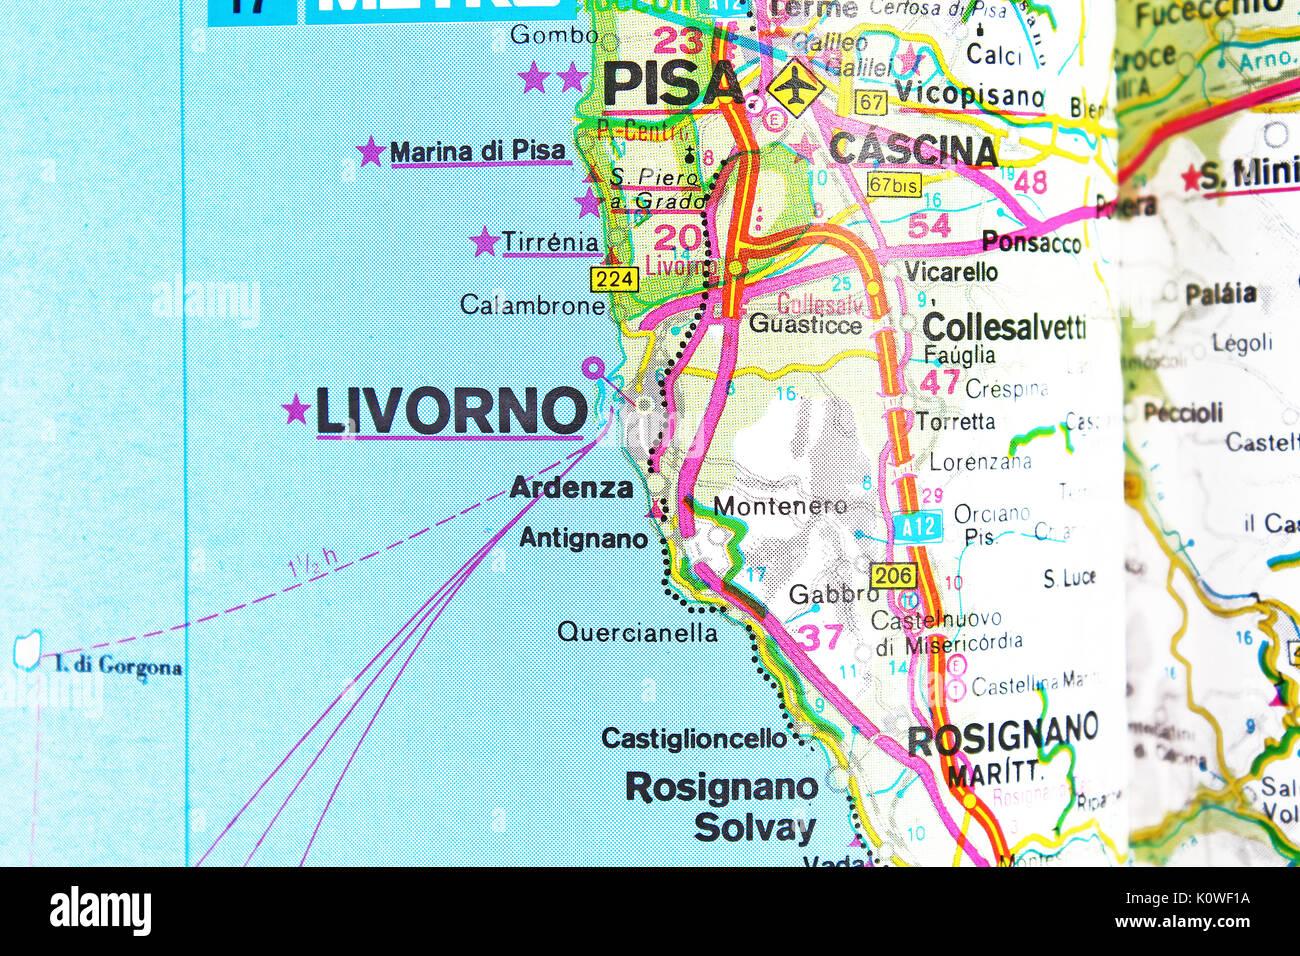 Stradale Cartina Geografica Toscana.Livorno Mappa Mappa Della Citta Mappa Stradale Foto Stock Alamy